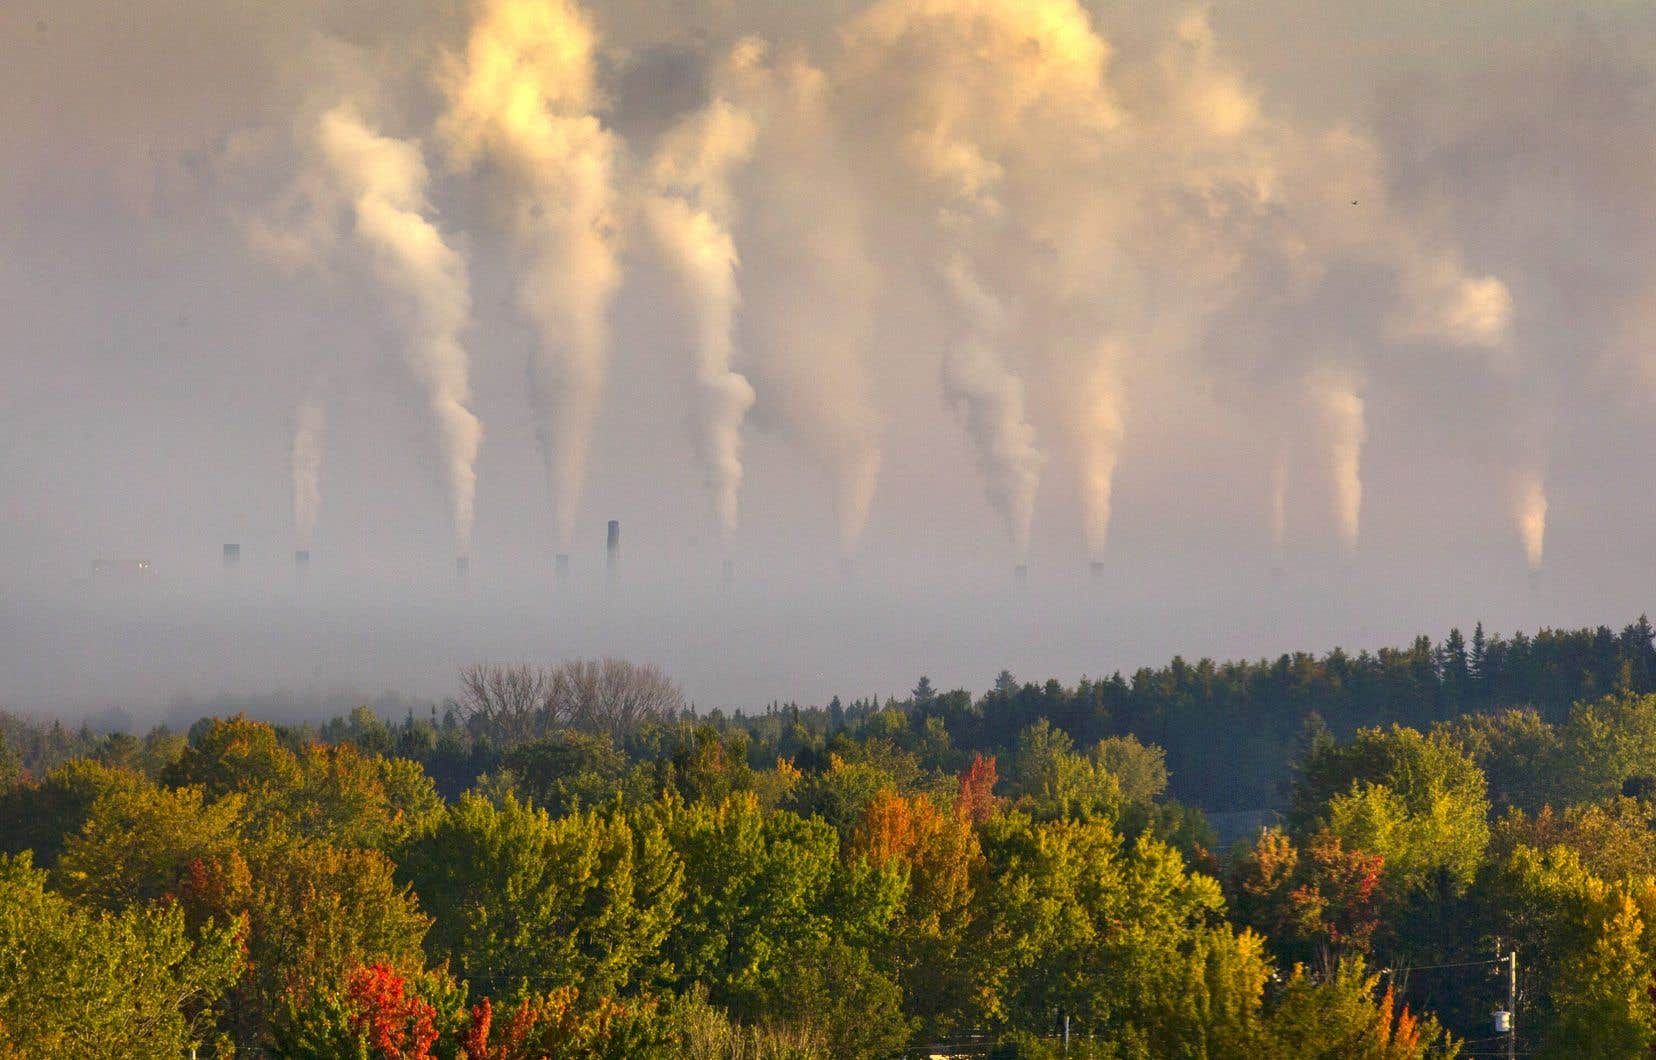 Le savoir-faire de CO2 Solutions repose sur une technologie dite de deuxième génération, soit l'utilisation d'un procédé enzymatique pour capter le carbone, au lieu de le faire passer par un produit toxique.